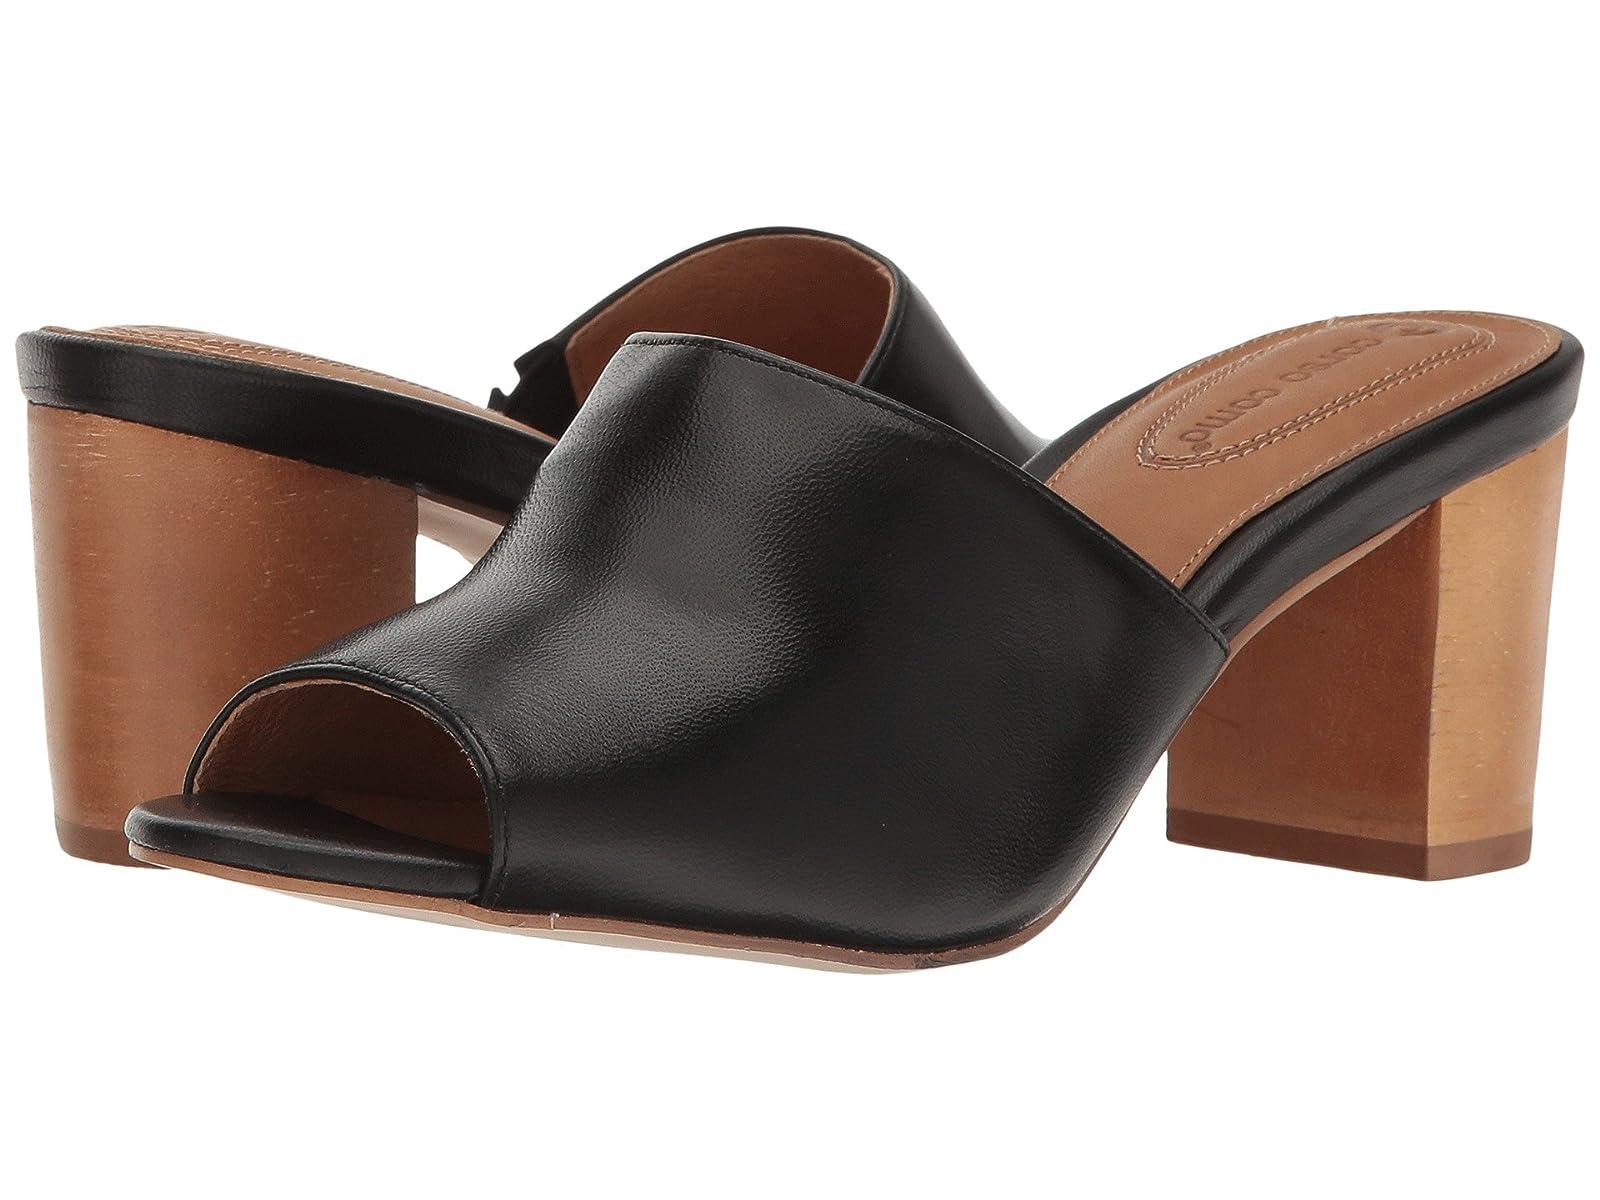 CC Corso Como CalaisCheap and distinctive eye-catching shoes